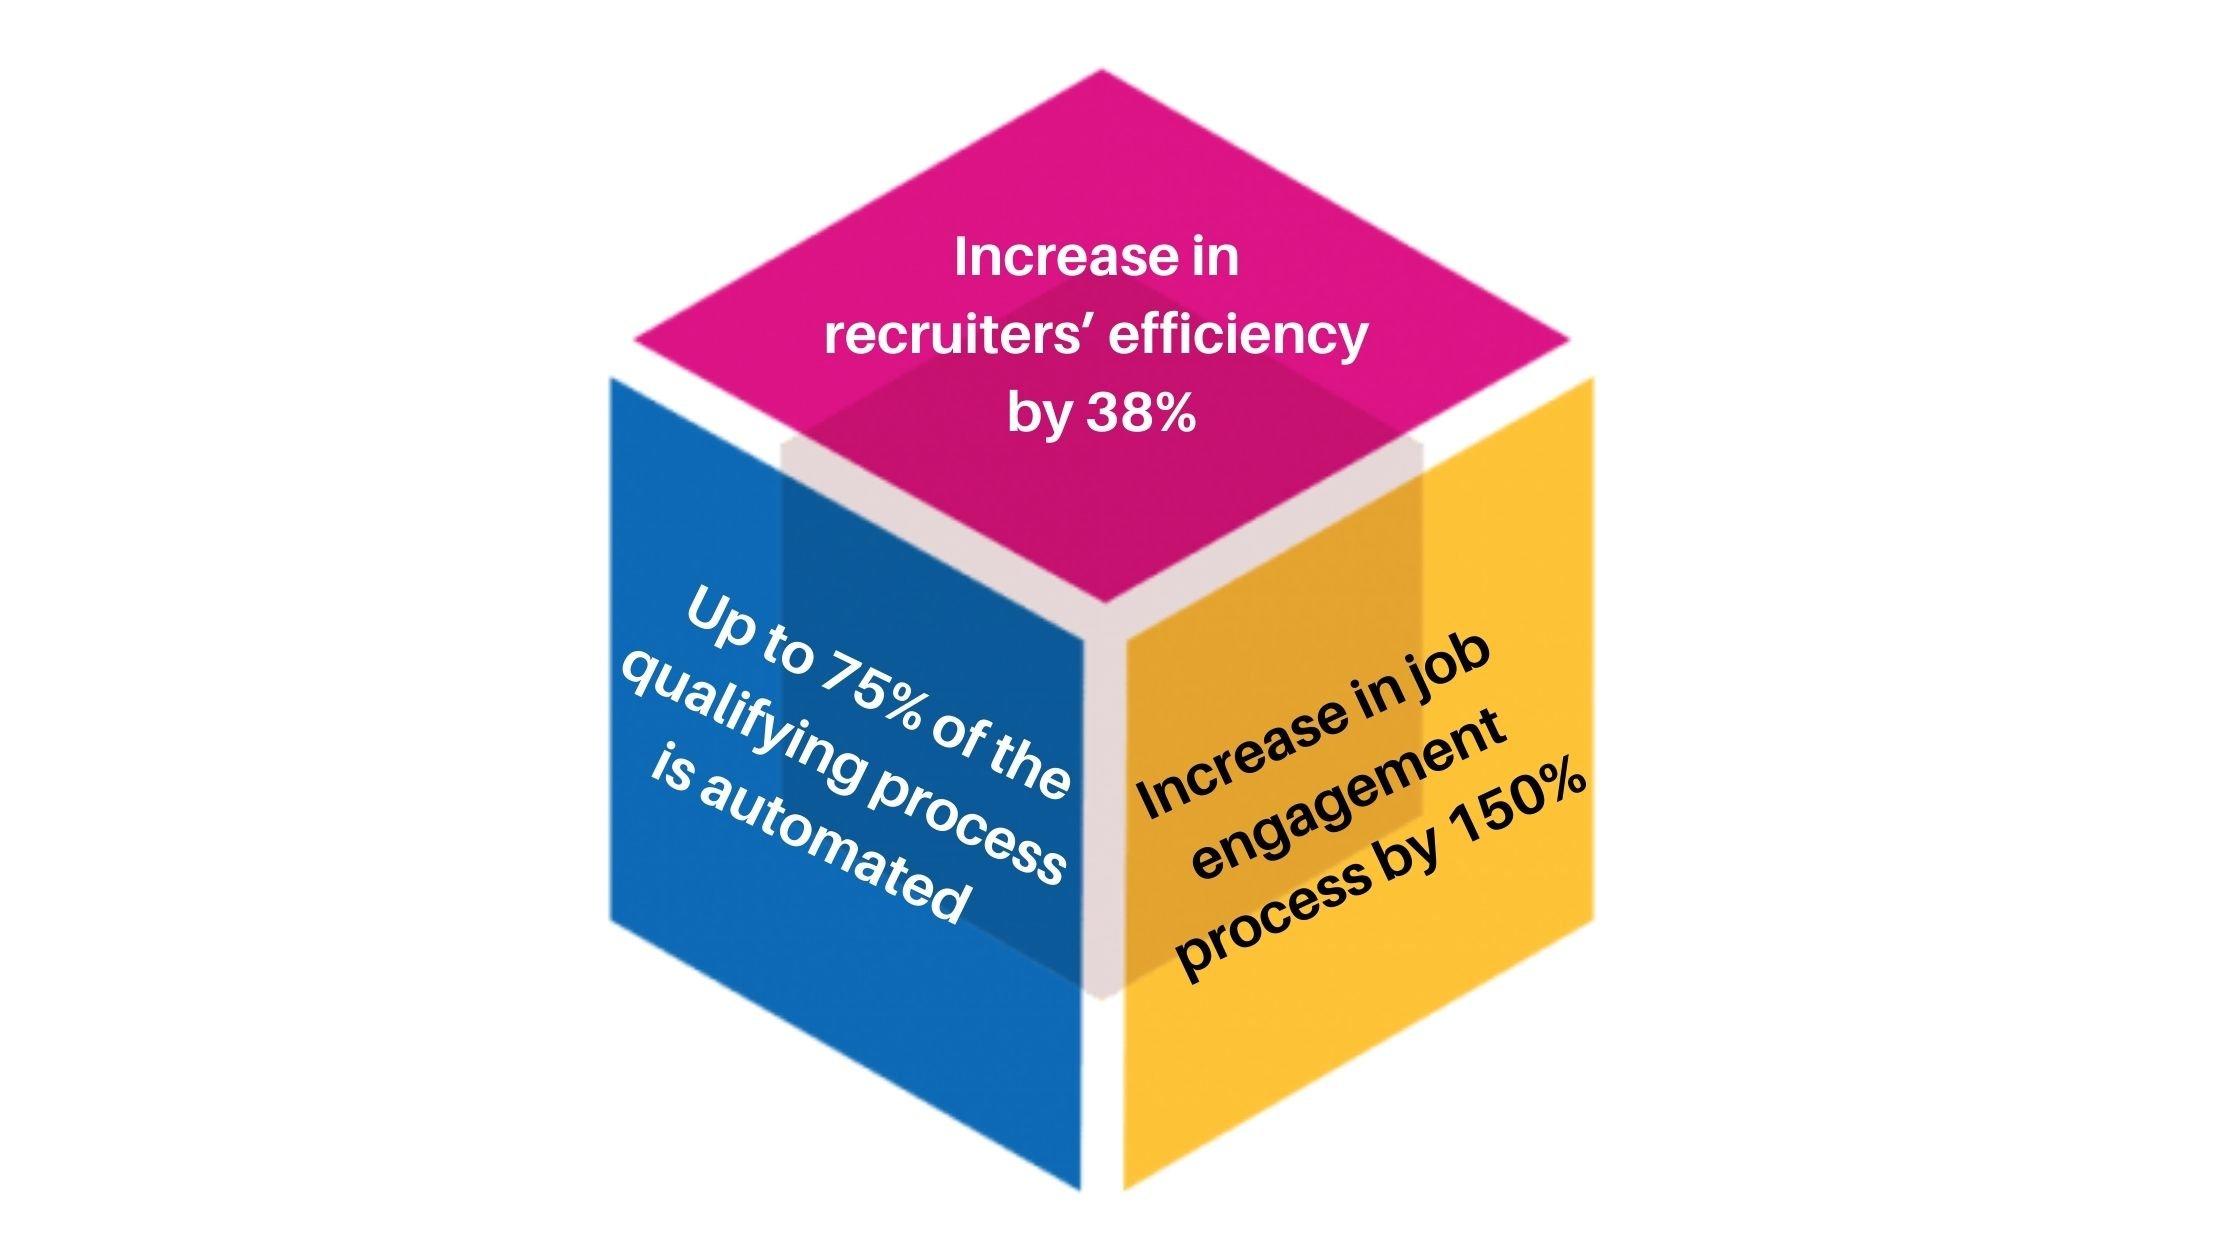 Increase in recruiters' efficiency by 38%